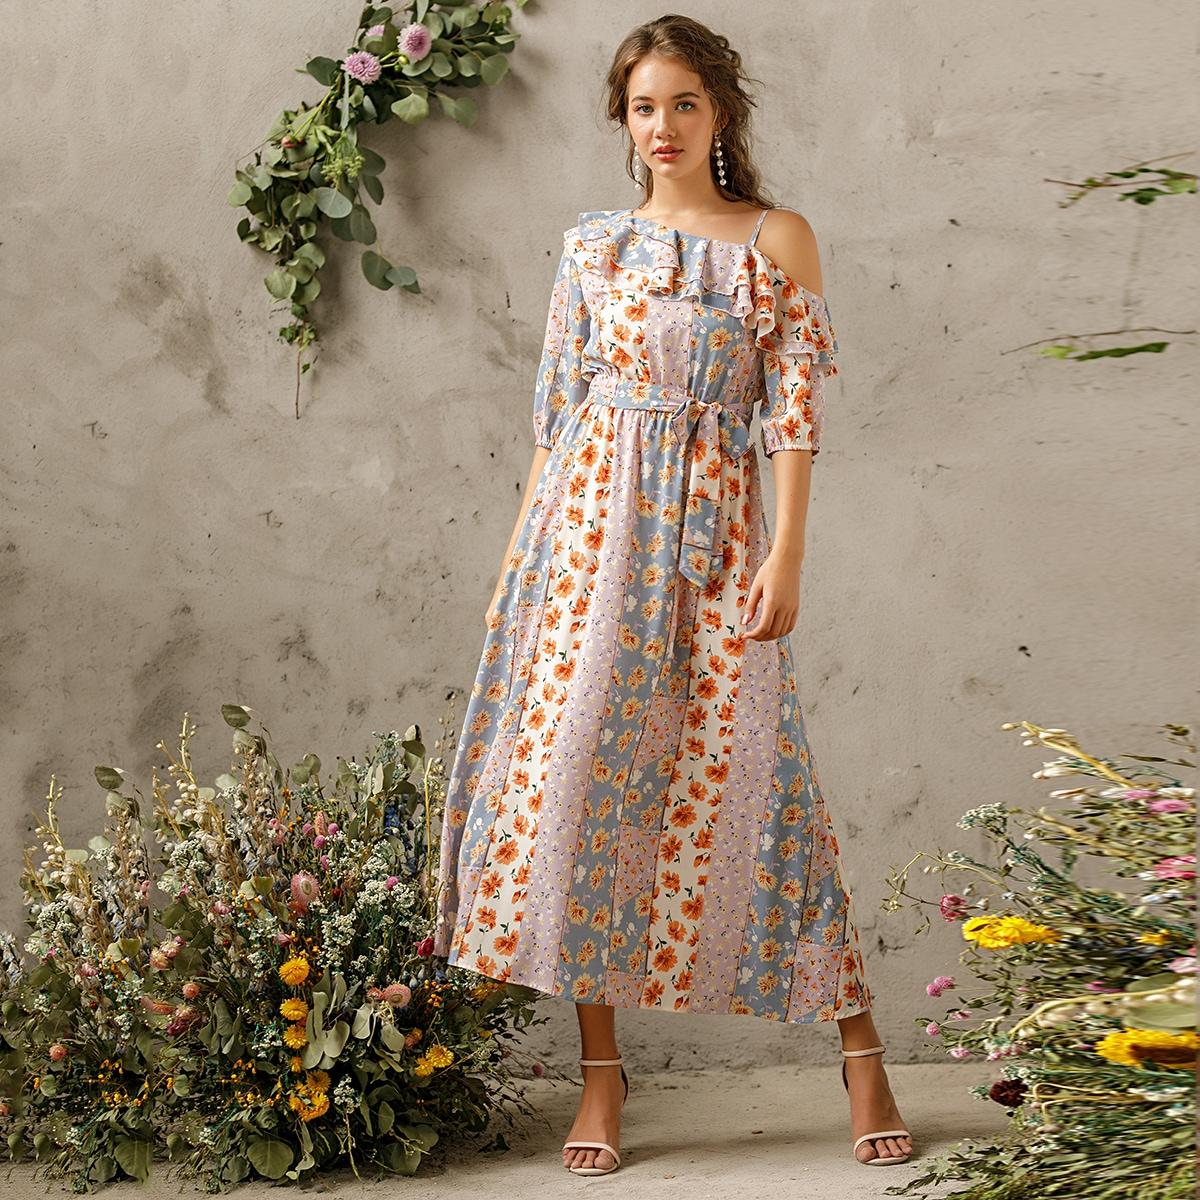 Платье с оборками и цветочным принтом, поясом фото